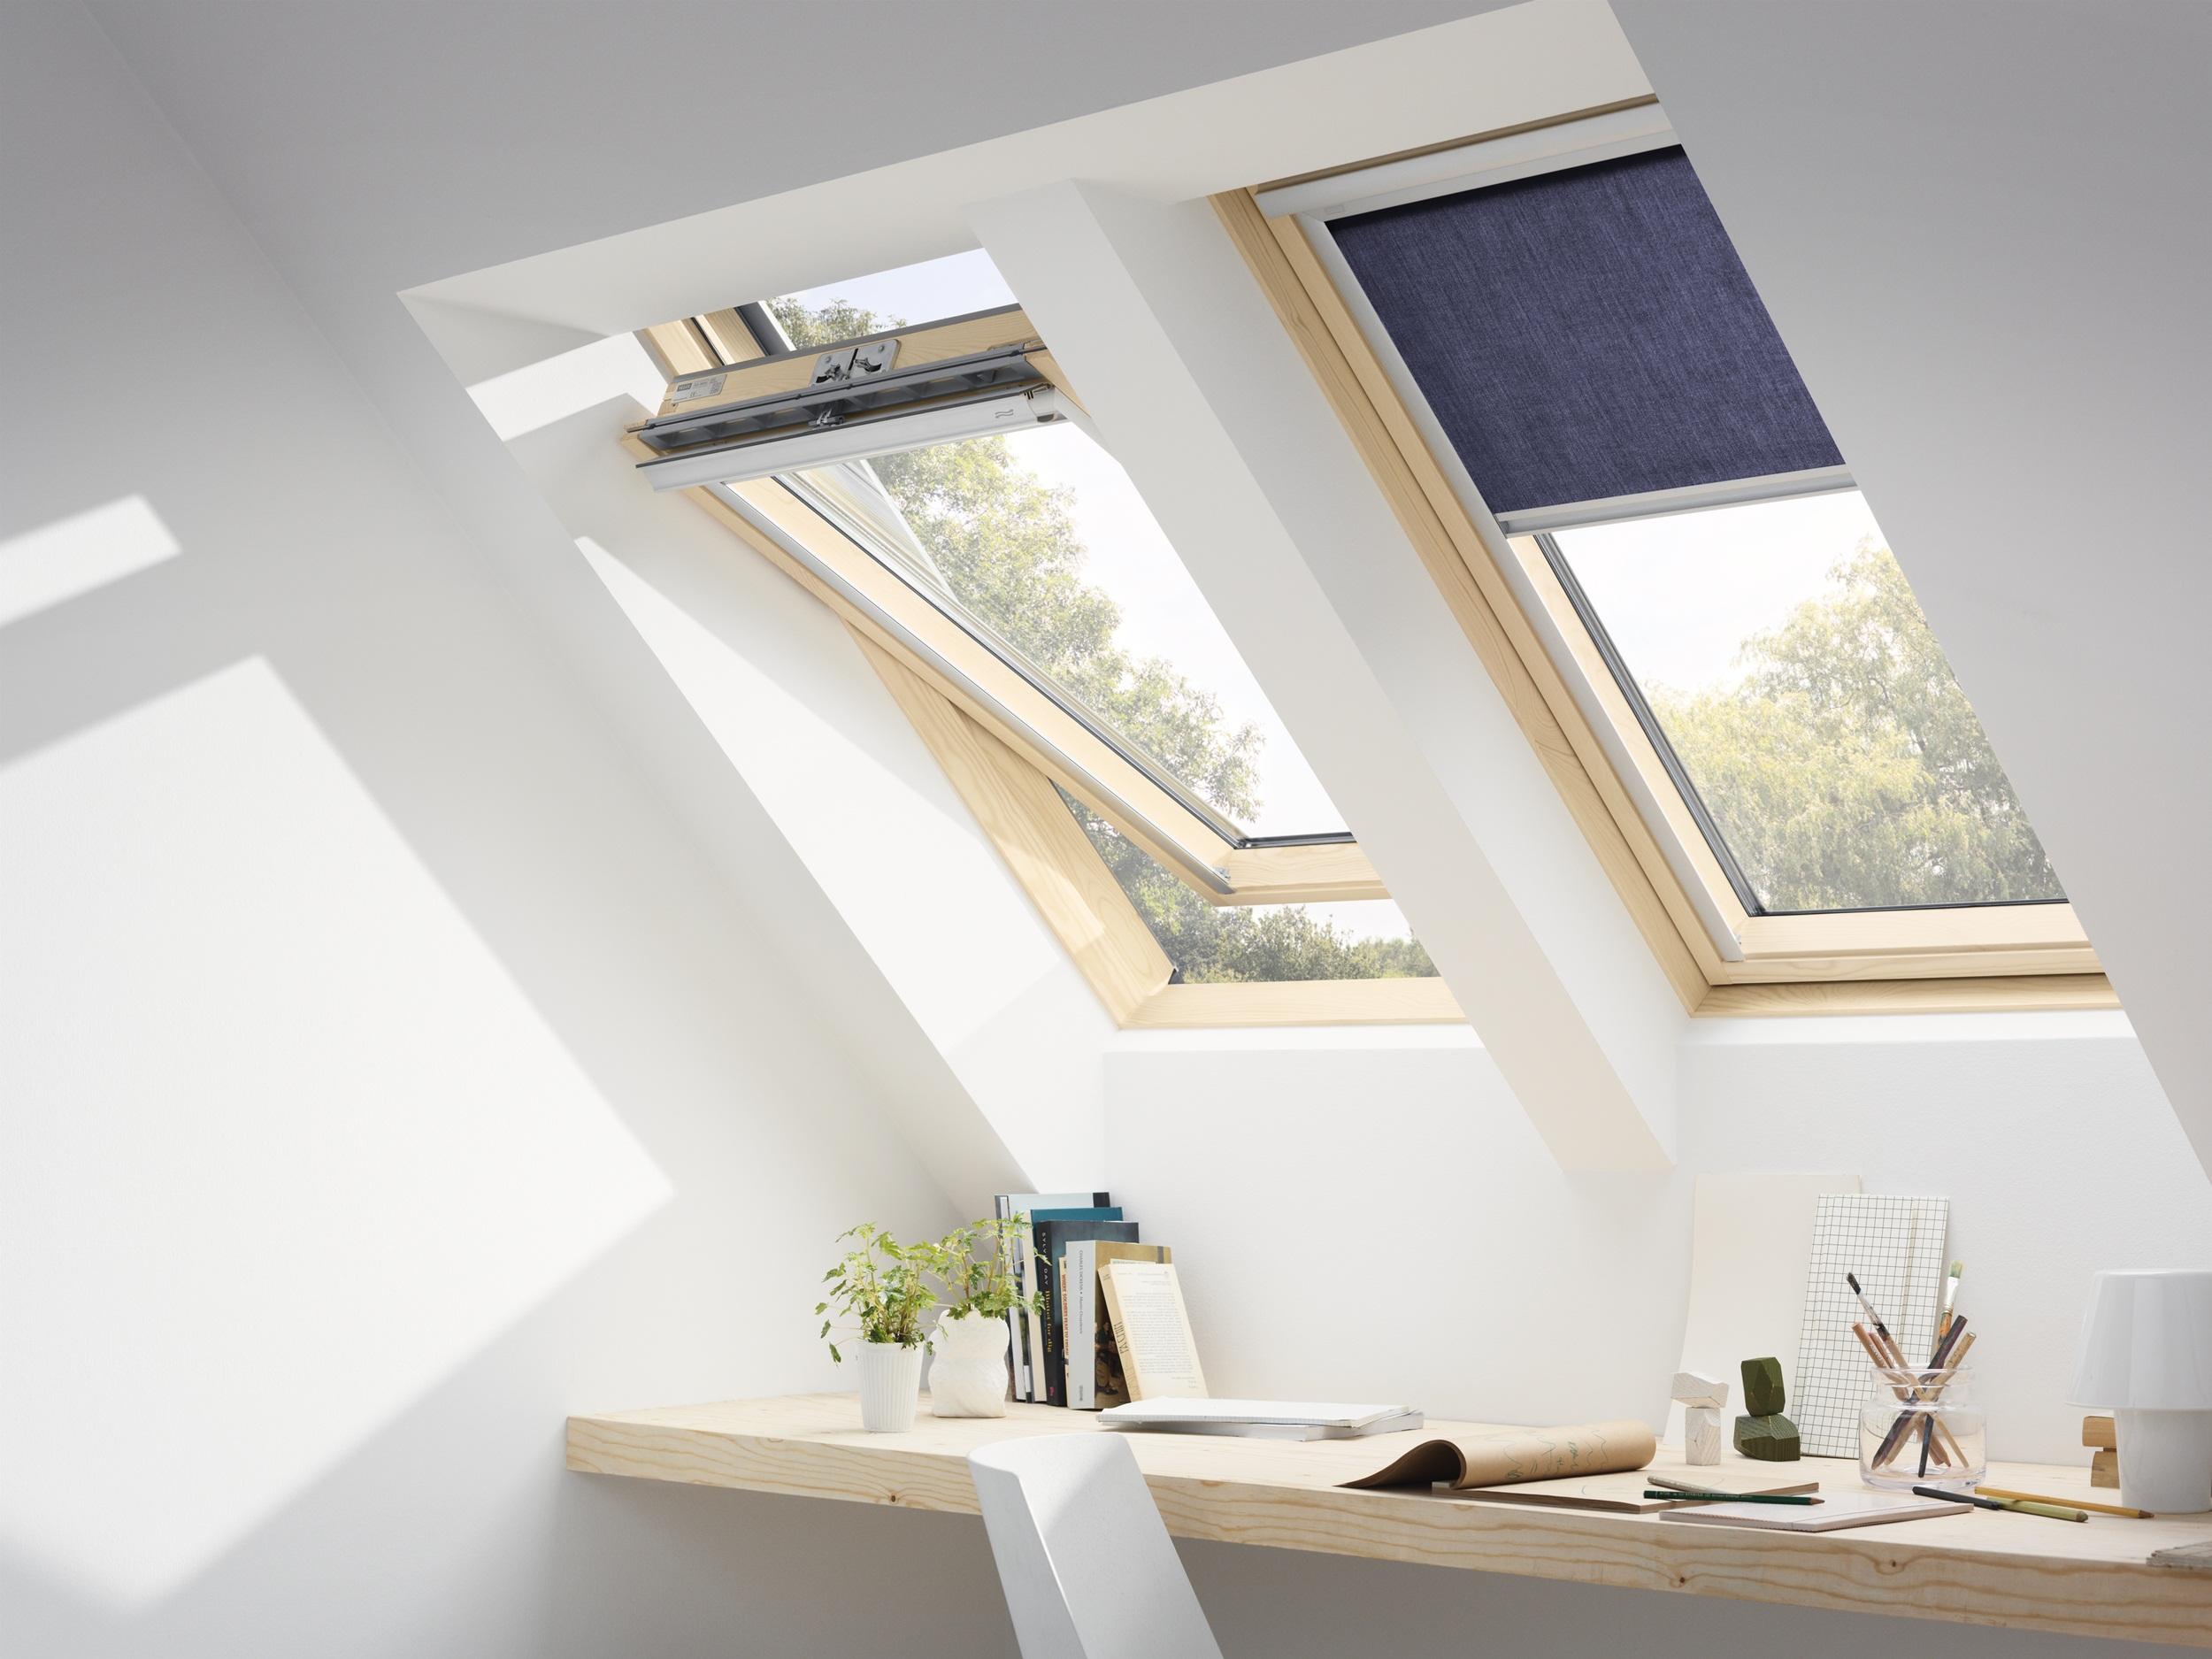 Fen tre de toit velux gzl 1051 finition bois massif for Velux fenetre de toit